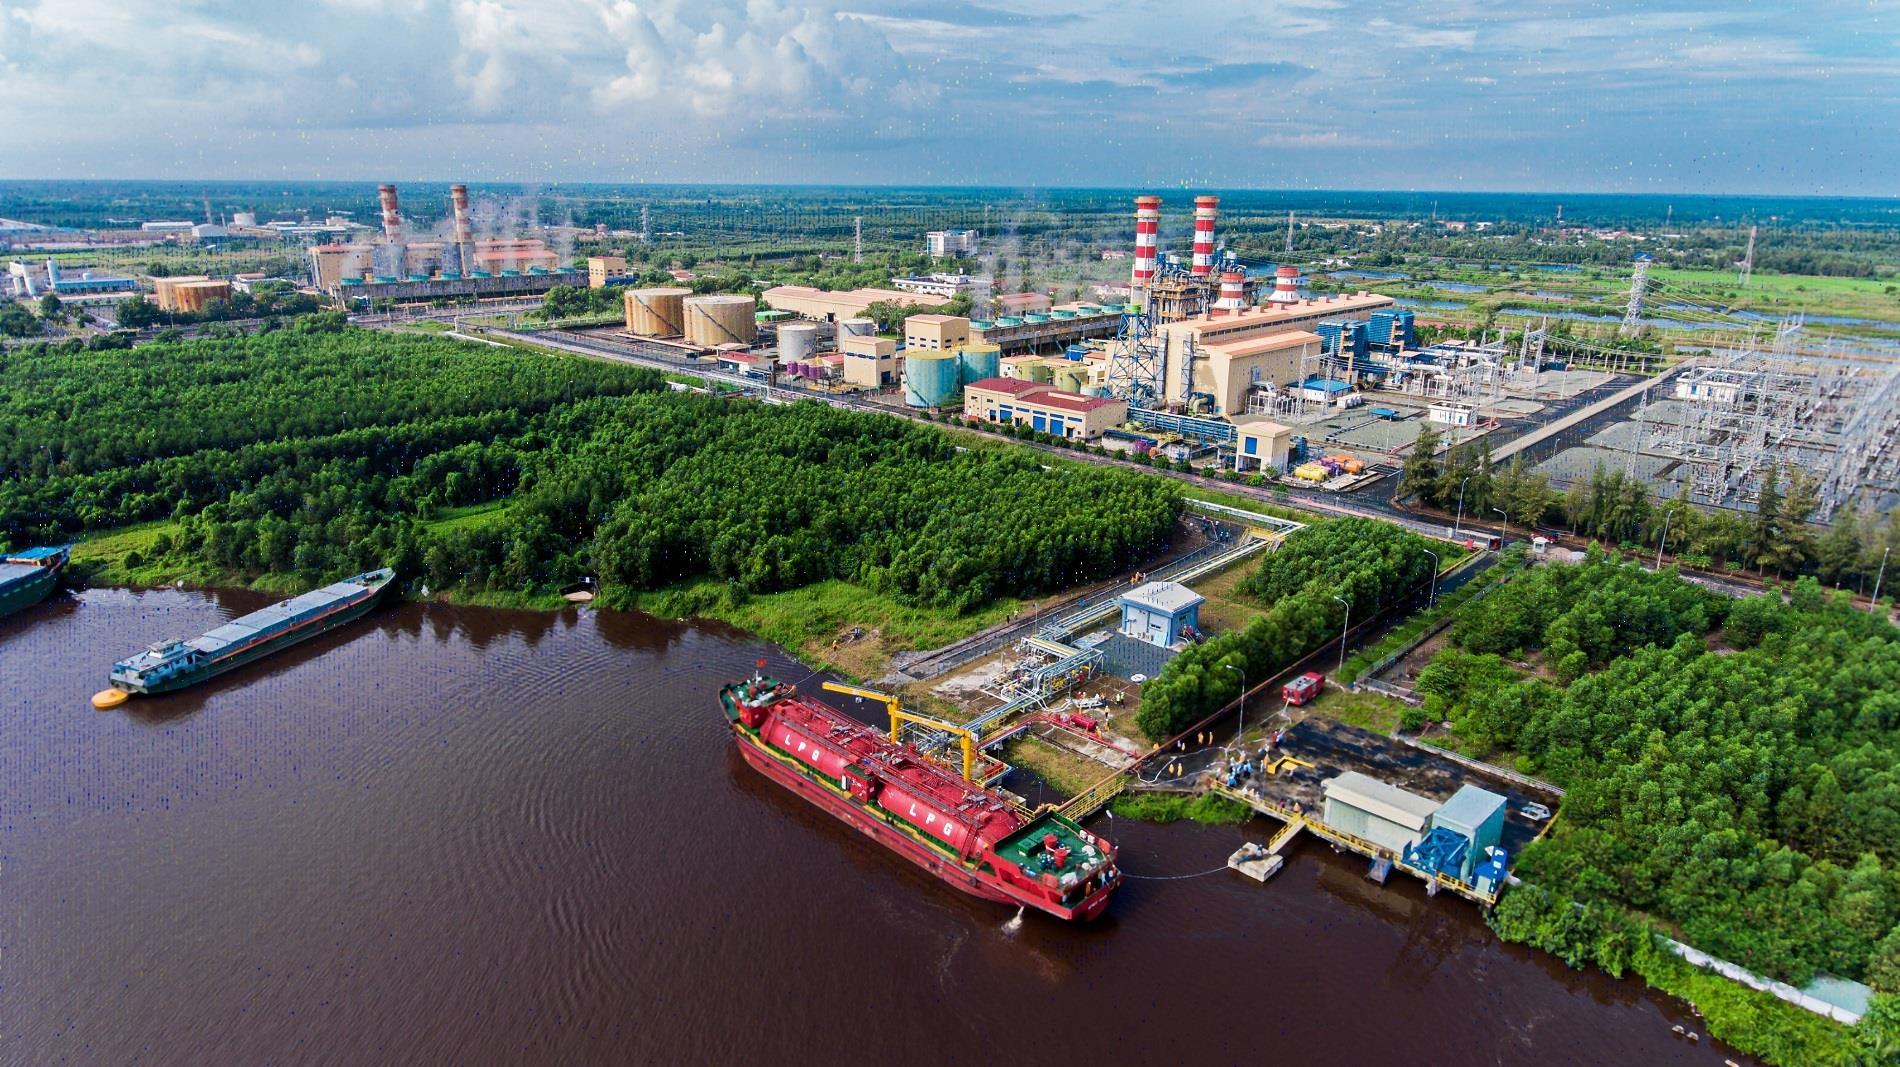 Tỉnh Cà Mau kiến nghị tăng cường huy động điện từ nhà máy điện Cà Mau 1&2 - 1